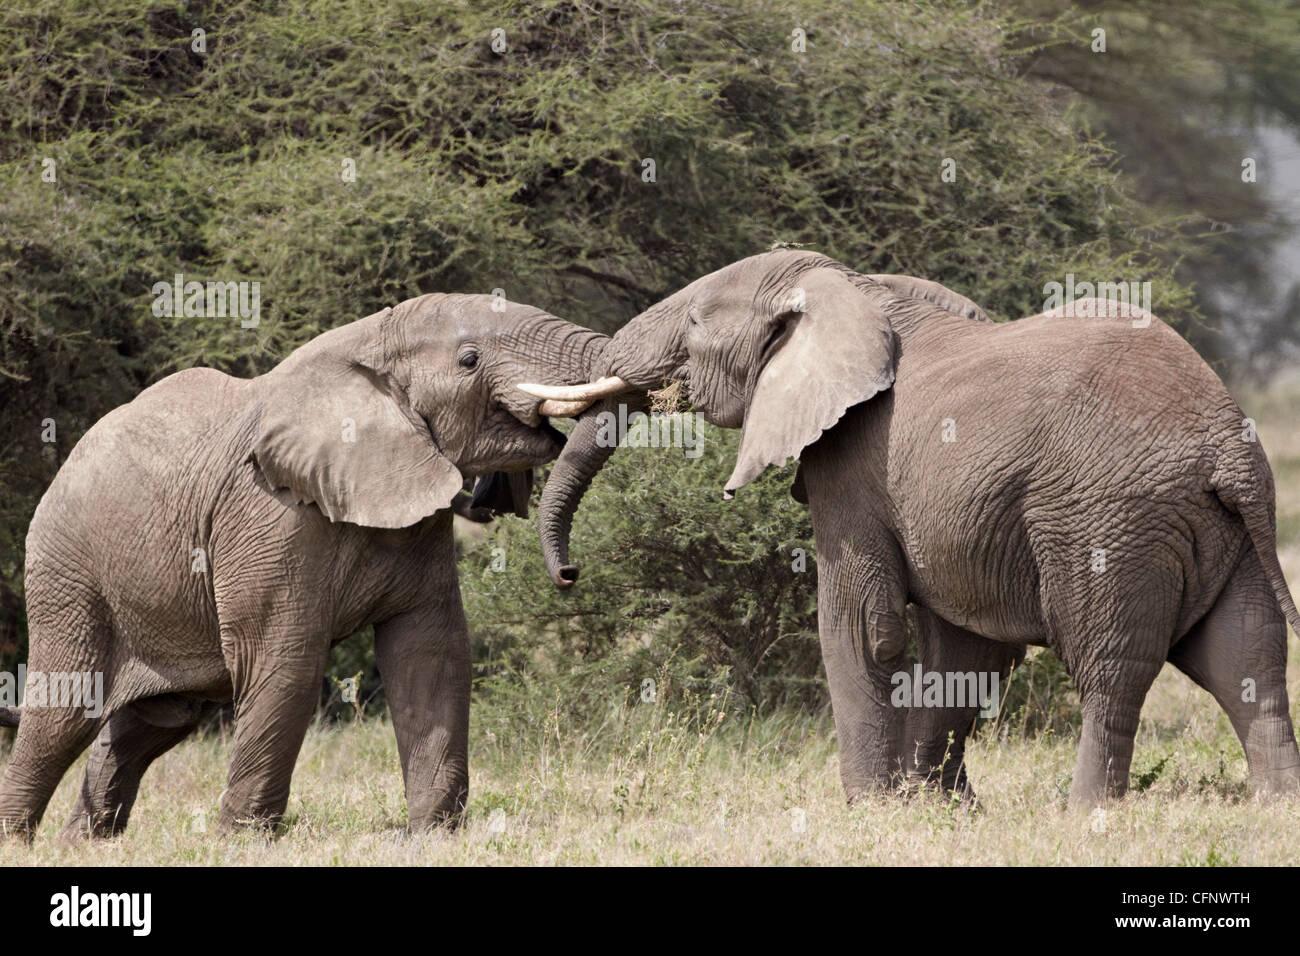 Zwei afrikanischen Elefanten (Loxodonta Africana) sparring, Serengeti Nationalpark, Tansania, Ostafrika, Afrika Stockbild